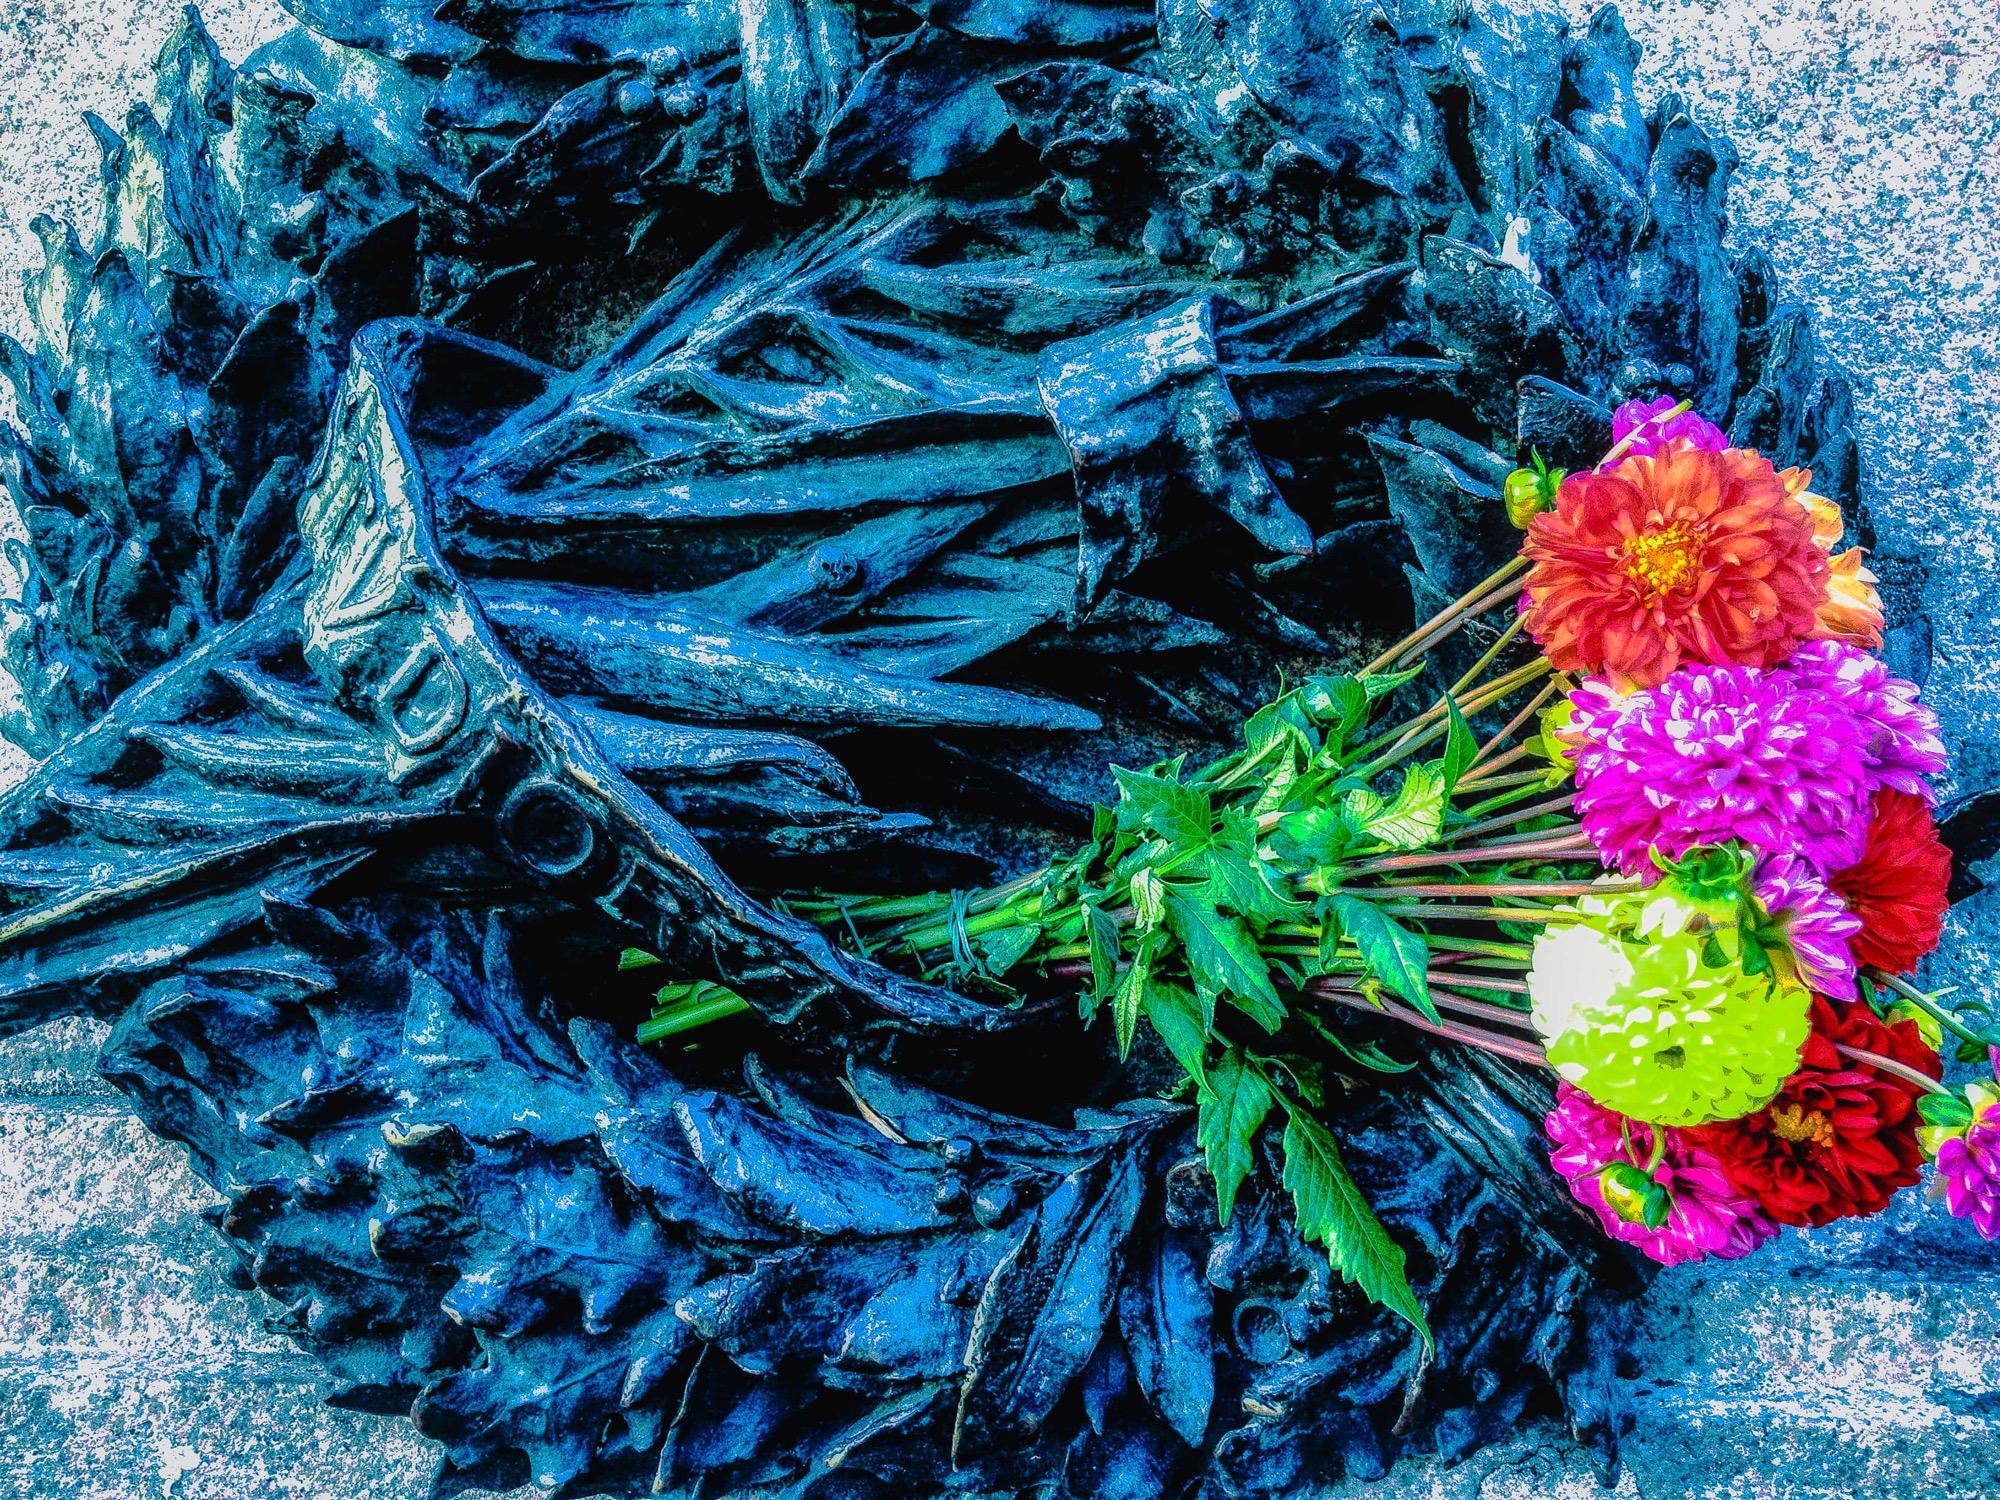 20121018 - 14-17-01-2_AuroraHDR2019-edit.jpg